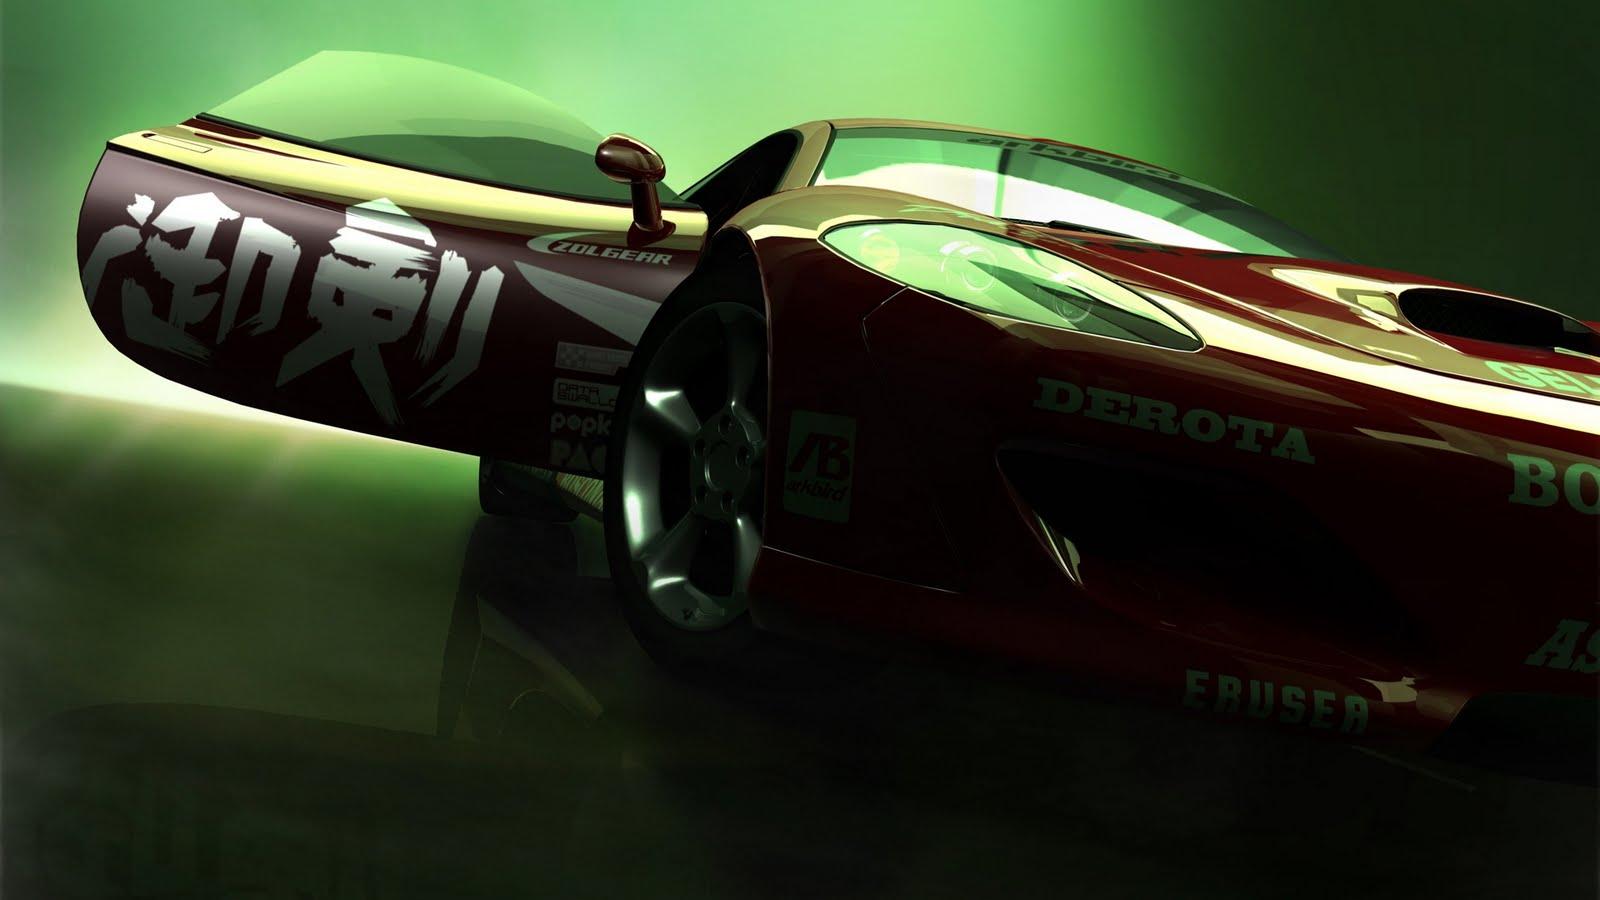 http://1.bp.blogspot.com/-F5geAJuUroU/TafQ2Qg6pxI/AAAAAAAACmY/dSvAq36oWTM/s1600/Ridge-032-Racer-032-1080p-032-HD-032-Car-1920x1080.jpg